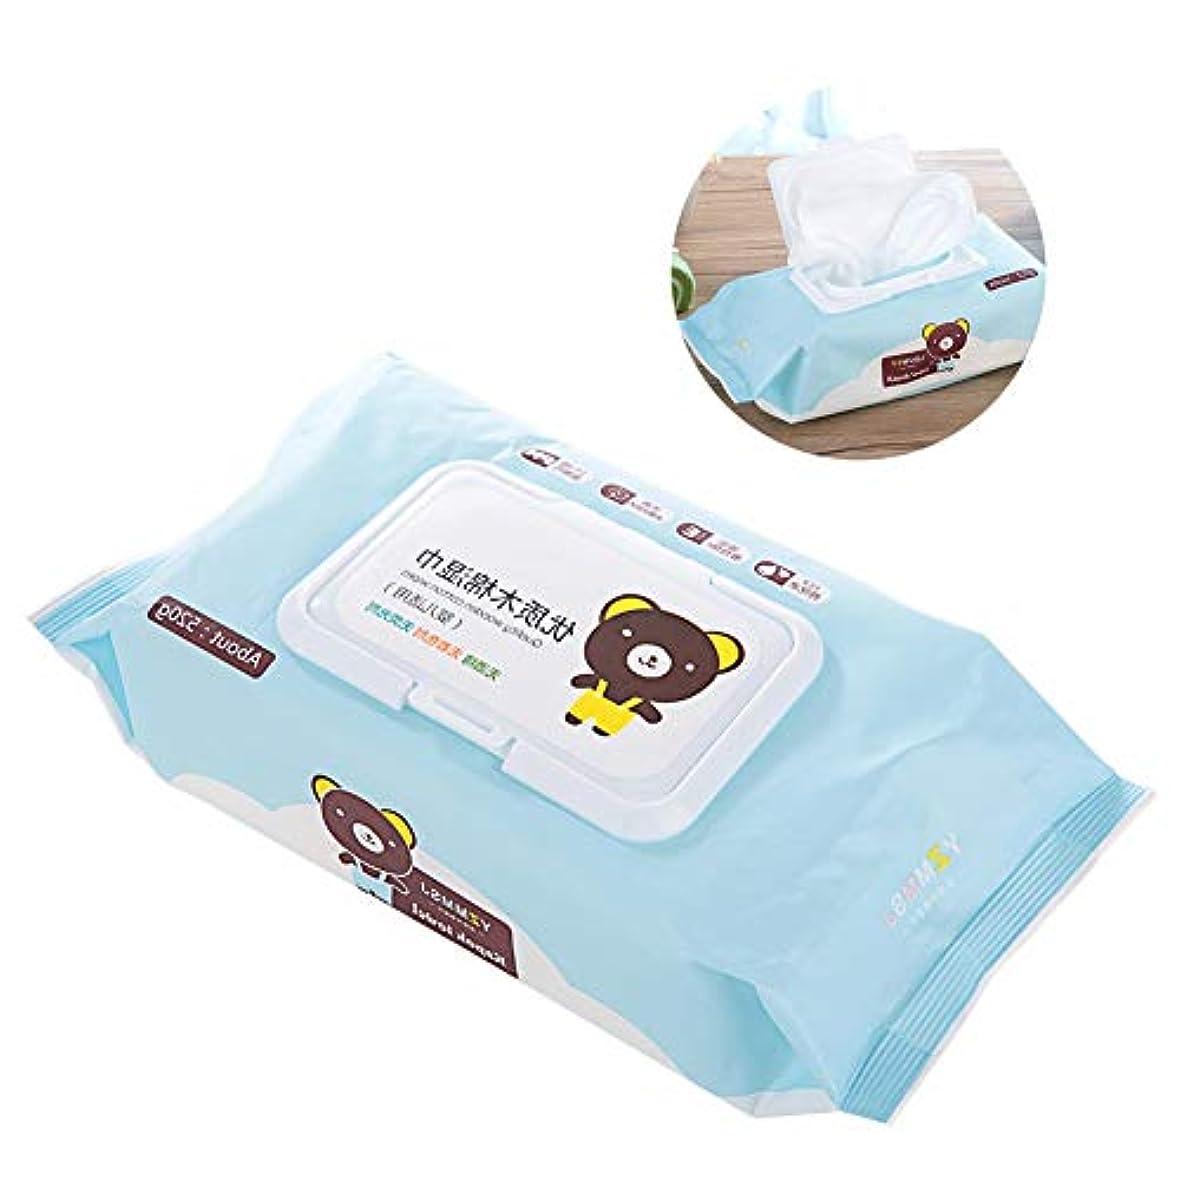 世界的に担当者印象派Yuyte 80個の柔らかい使い捨て可能なウェットワイプ赤ちゃん幼児クリーニング口手のティッシュ(02)